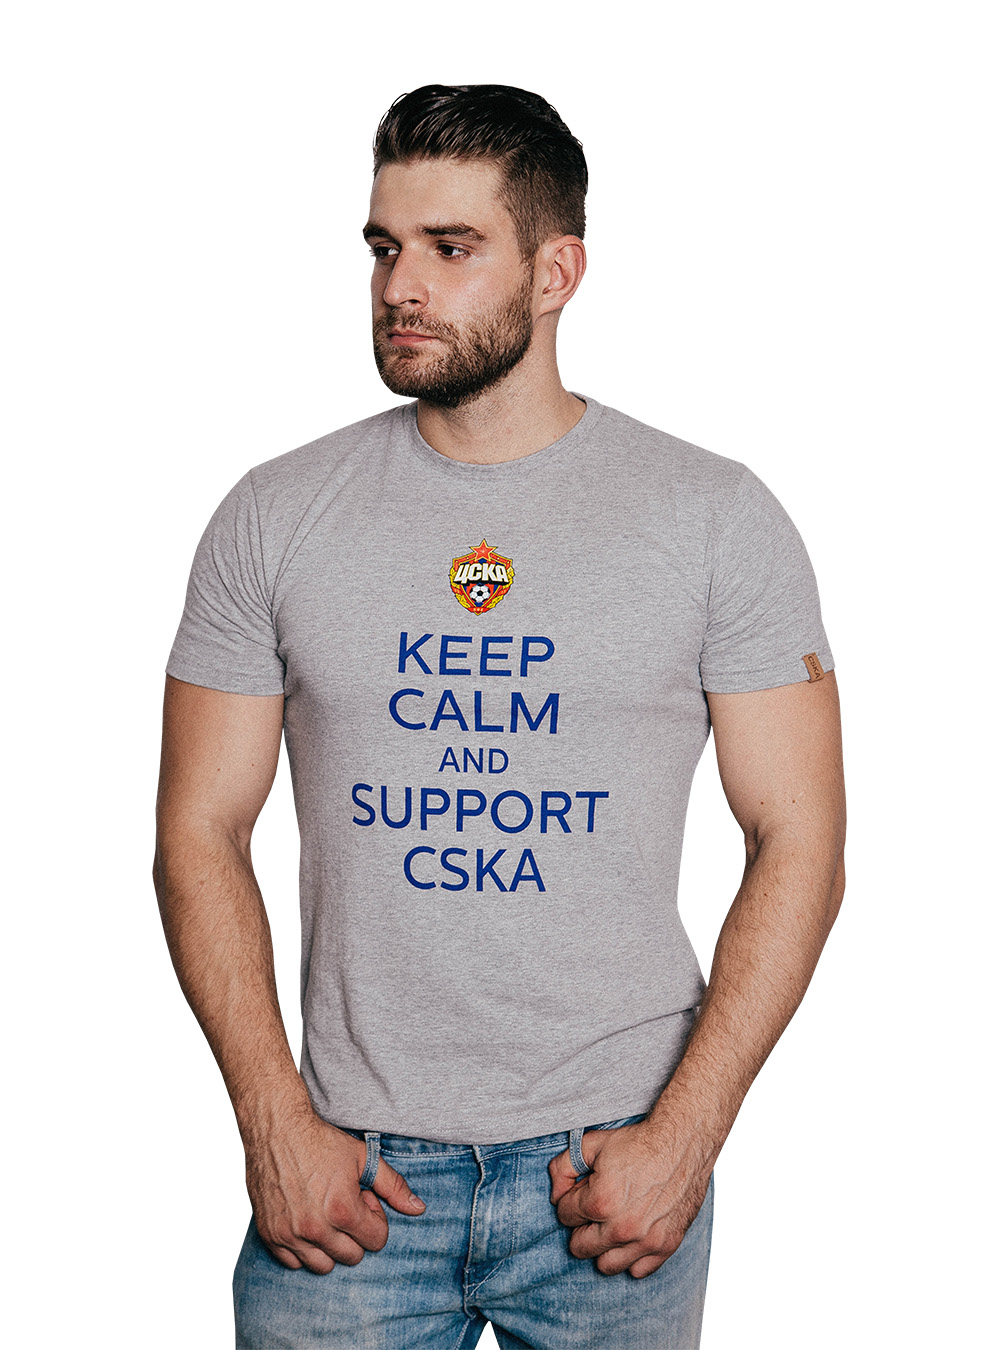 Футболка Keep Calm and Support CSKA, цвет серый (XXXL)Футболки мужские<br>Футболка Keep Calm and Support CSKA, цвет серый<br>